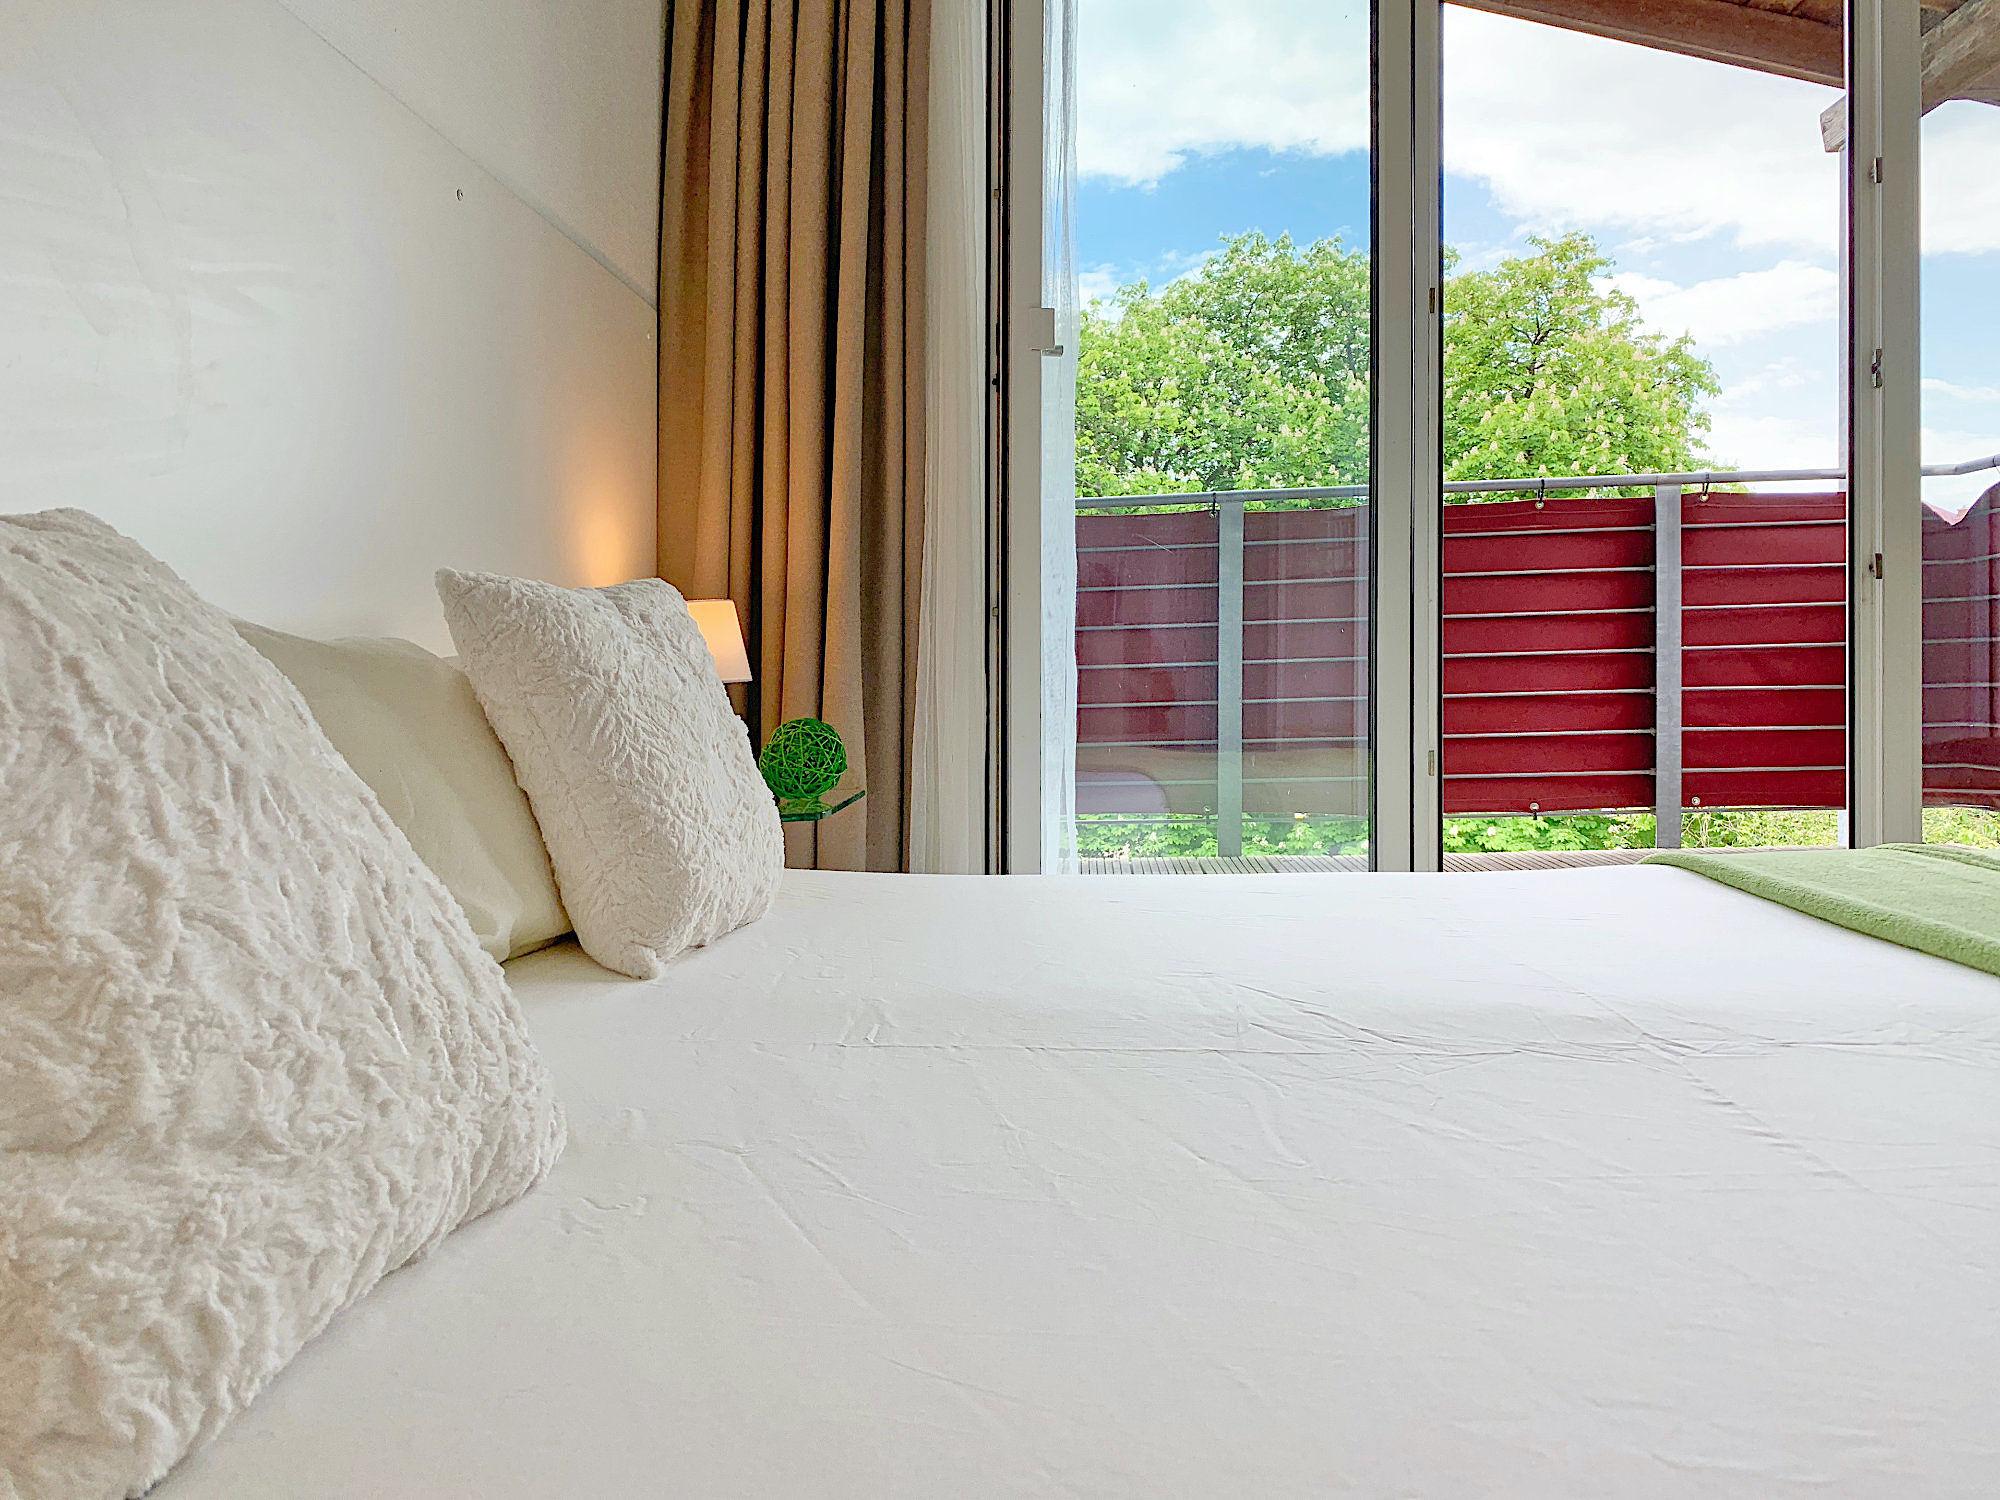 Schlafzimmer mit Doppelbett, Kopfteil mit Kopfkissen, dahinter bodentiefe Fenster mit Zugang zum Balkon